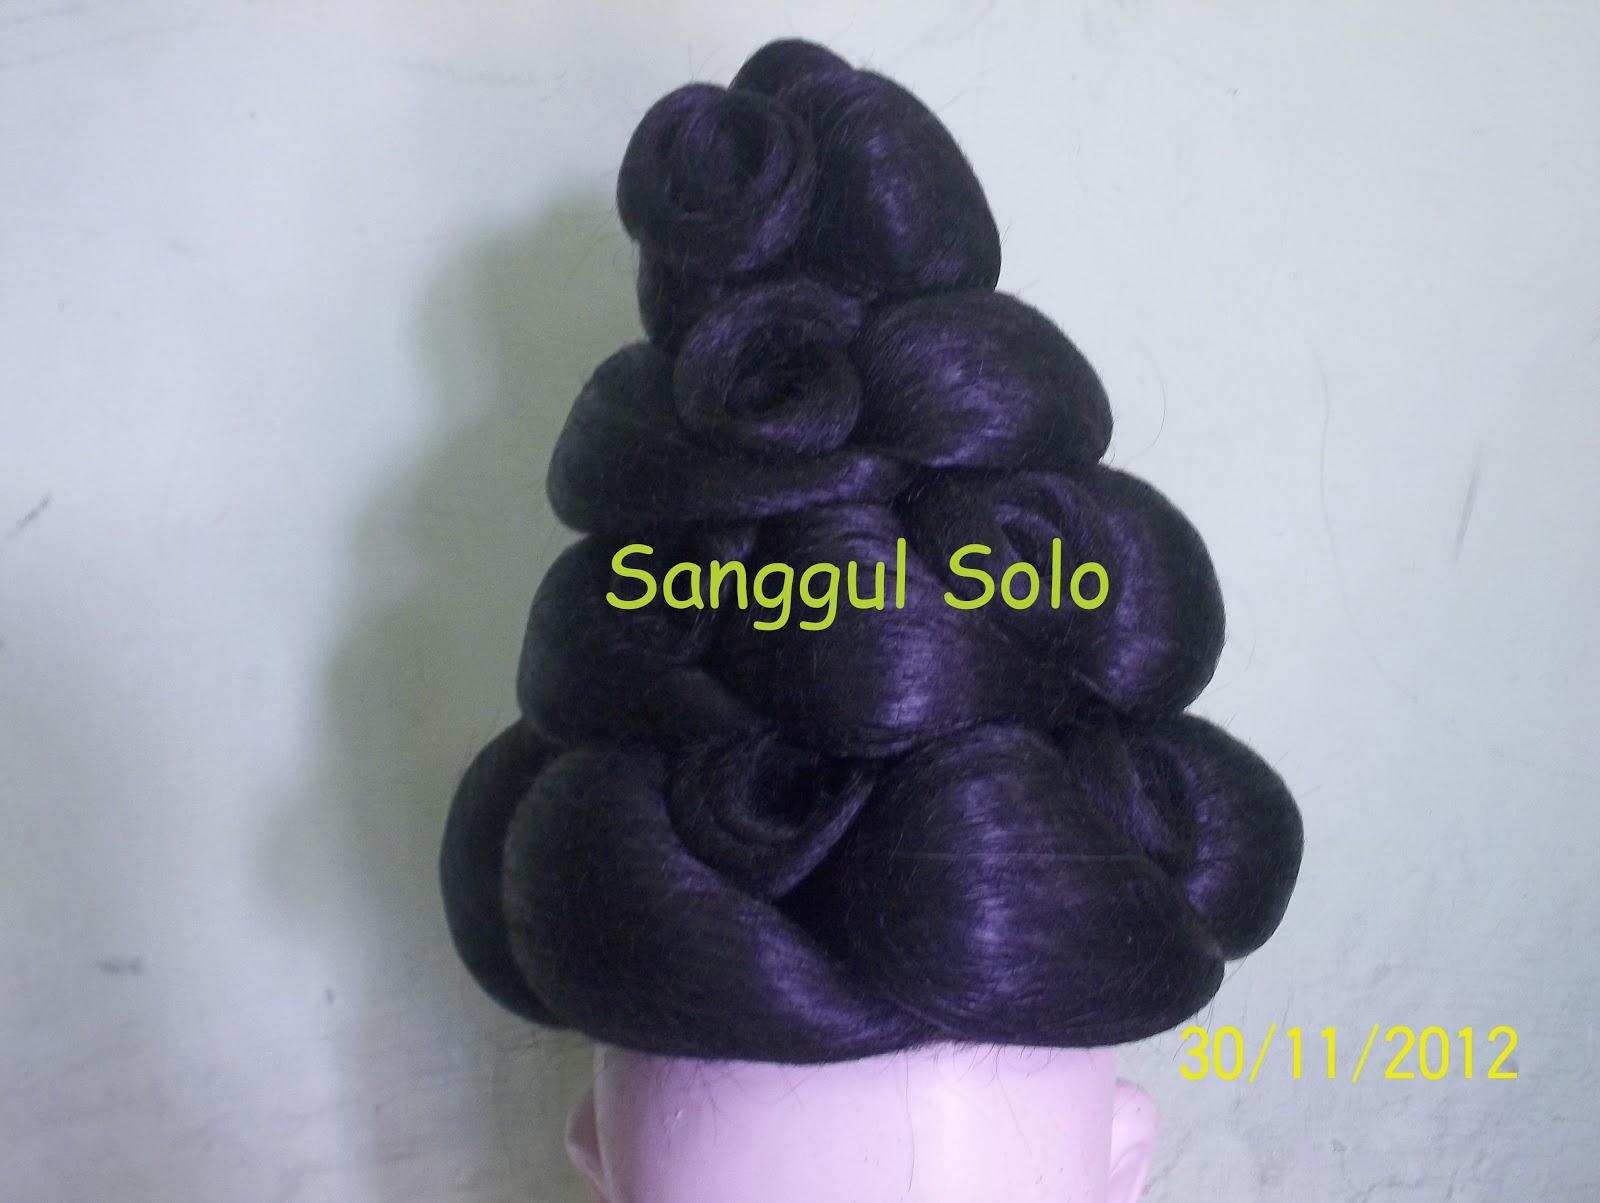 Sanggul Loro Jonggrang, IDR 40.000